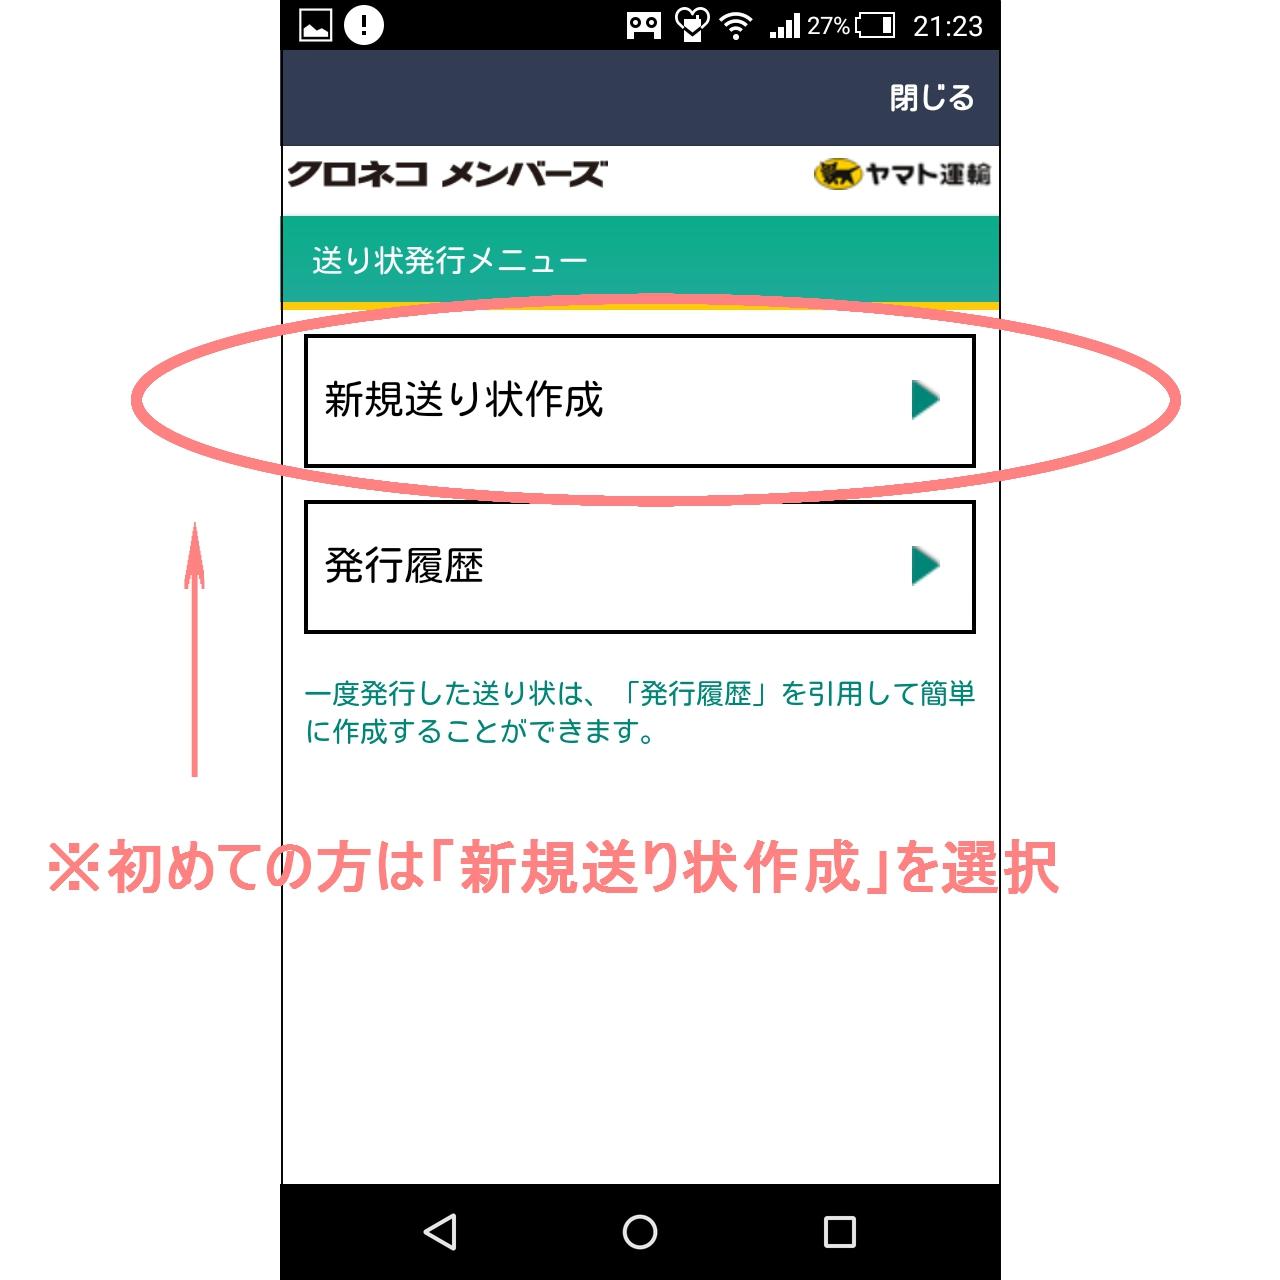 screenshot_2016-09-09-21-23-55a